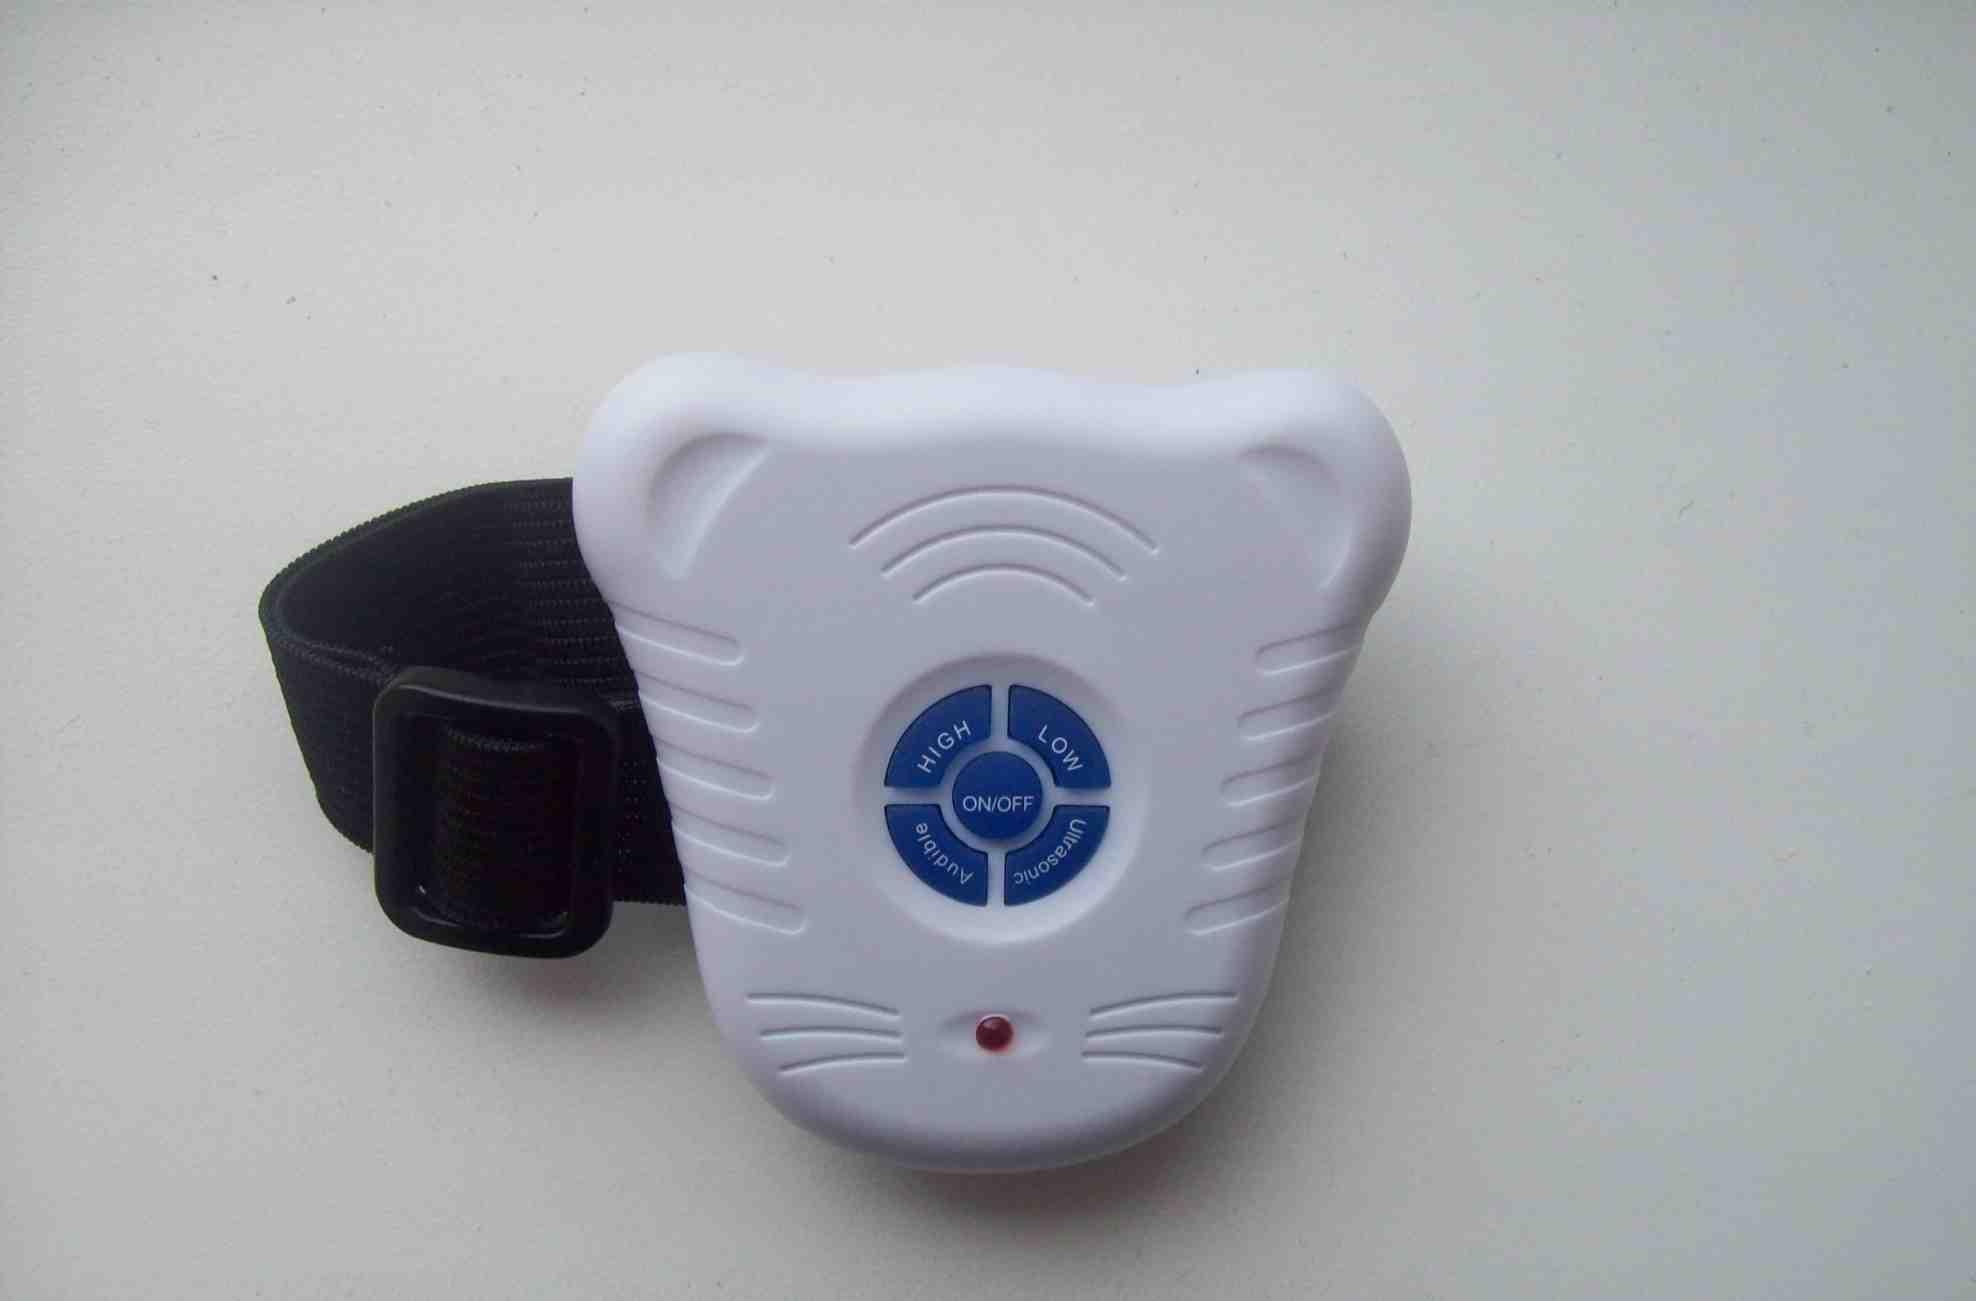 Ултразвуковий тренажер собачого гавкоту, зображення 1